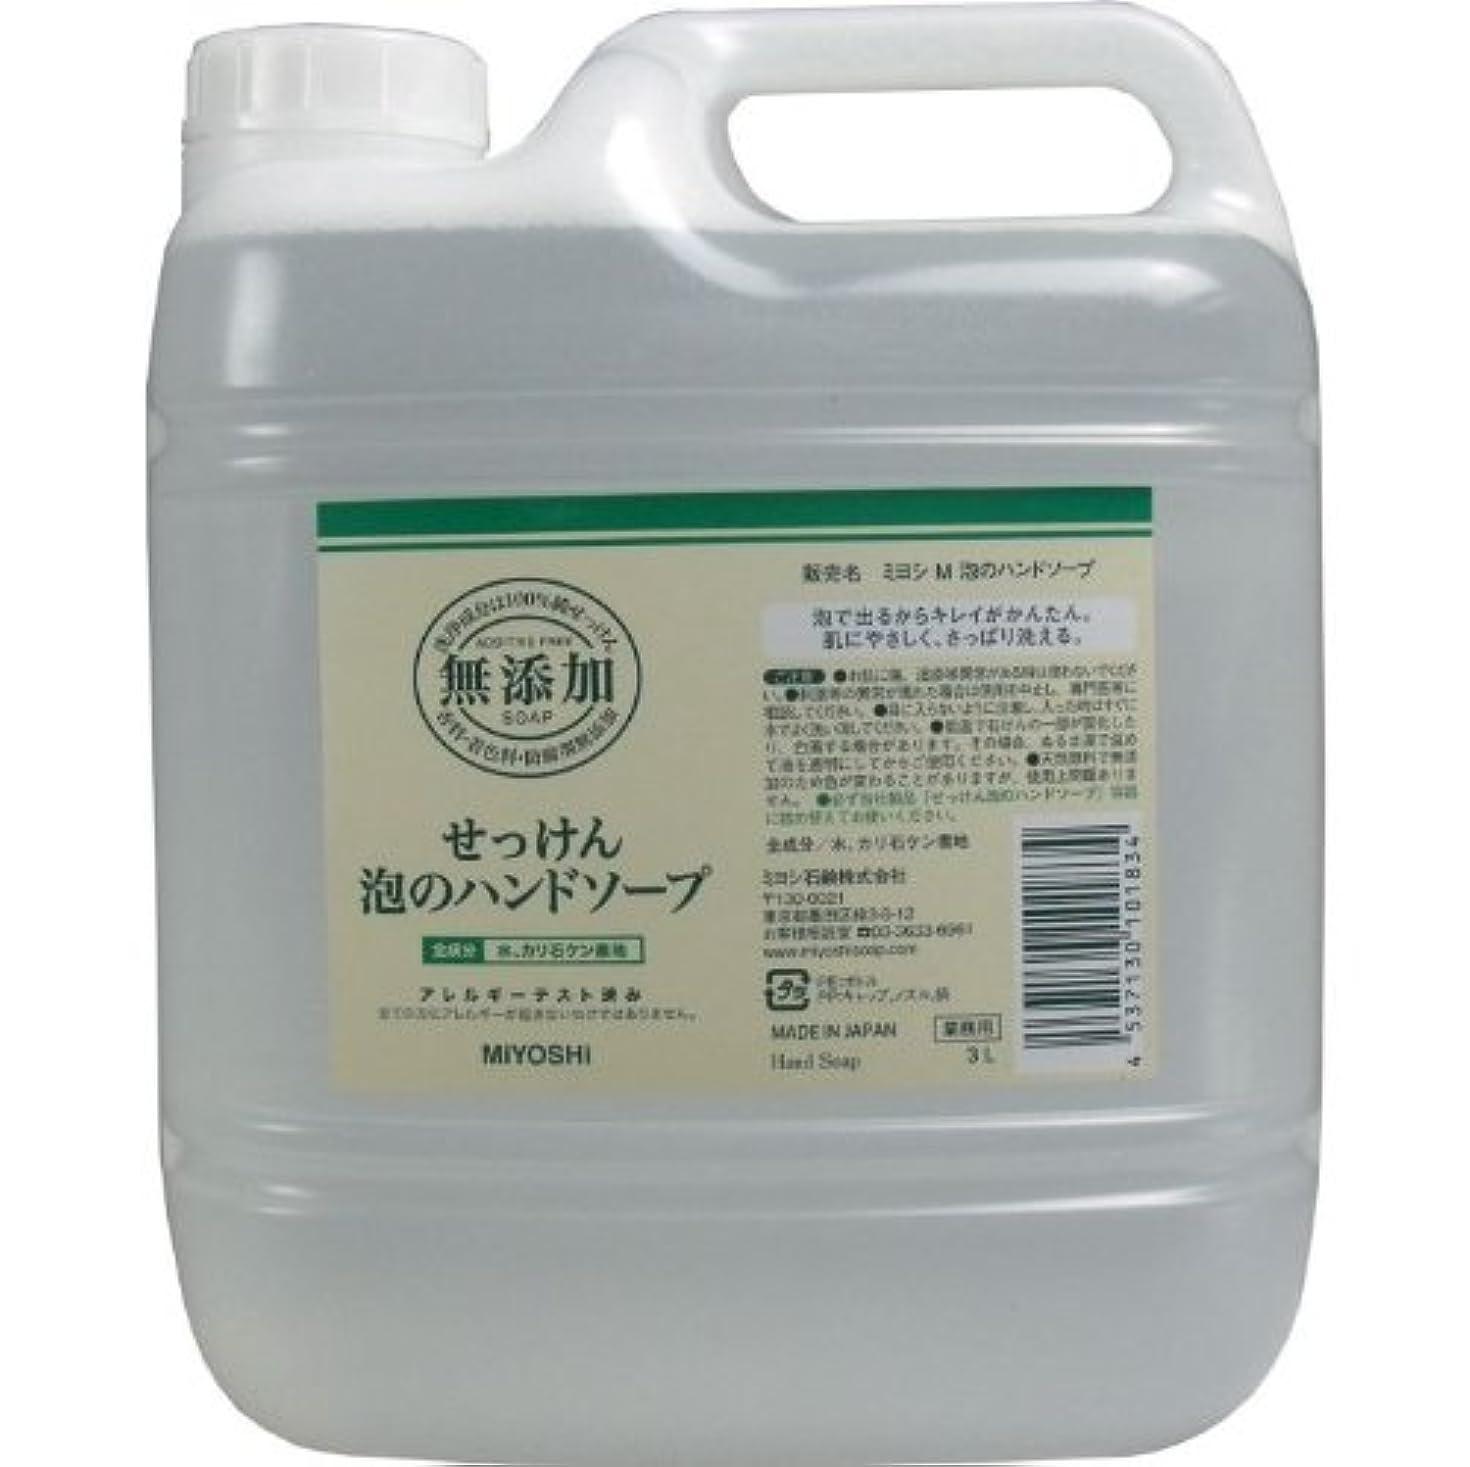 敵対的船外一般化する泡で出るからキレイが簡単!家事の間のサッと洗いも簡単!香料、着色料、防腐剤無添加!(業務用)3L